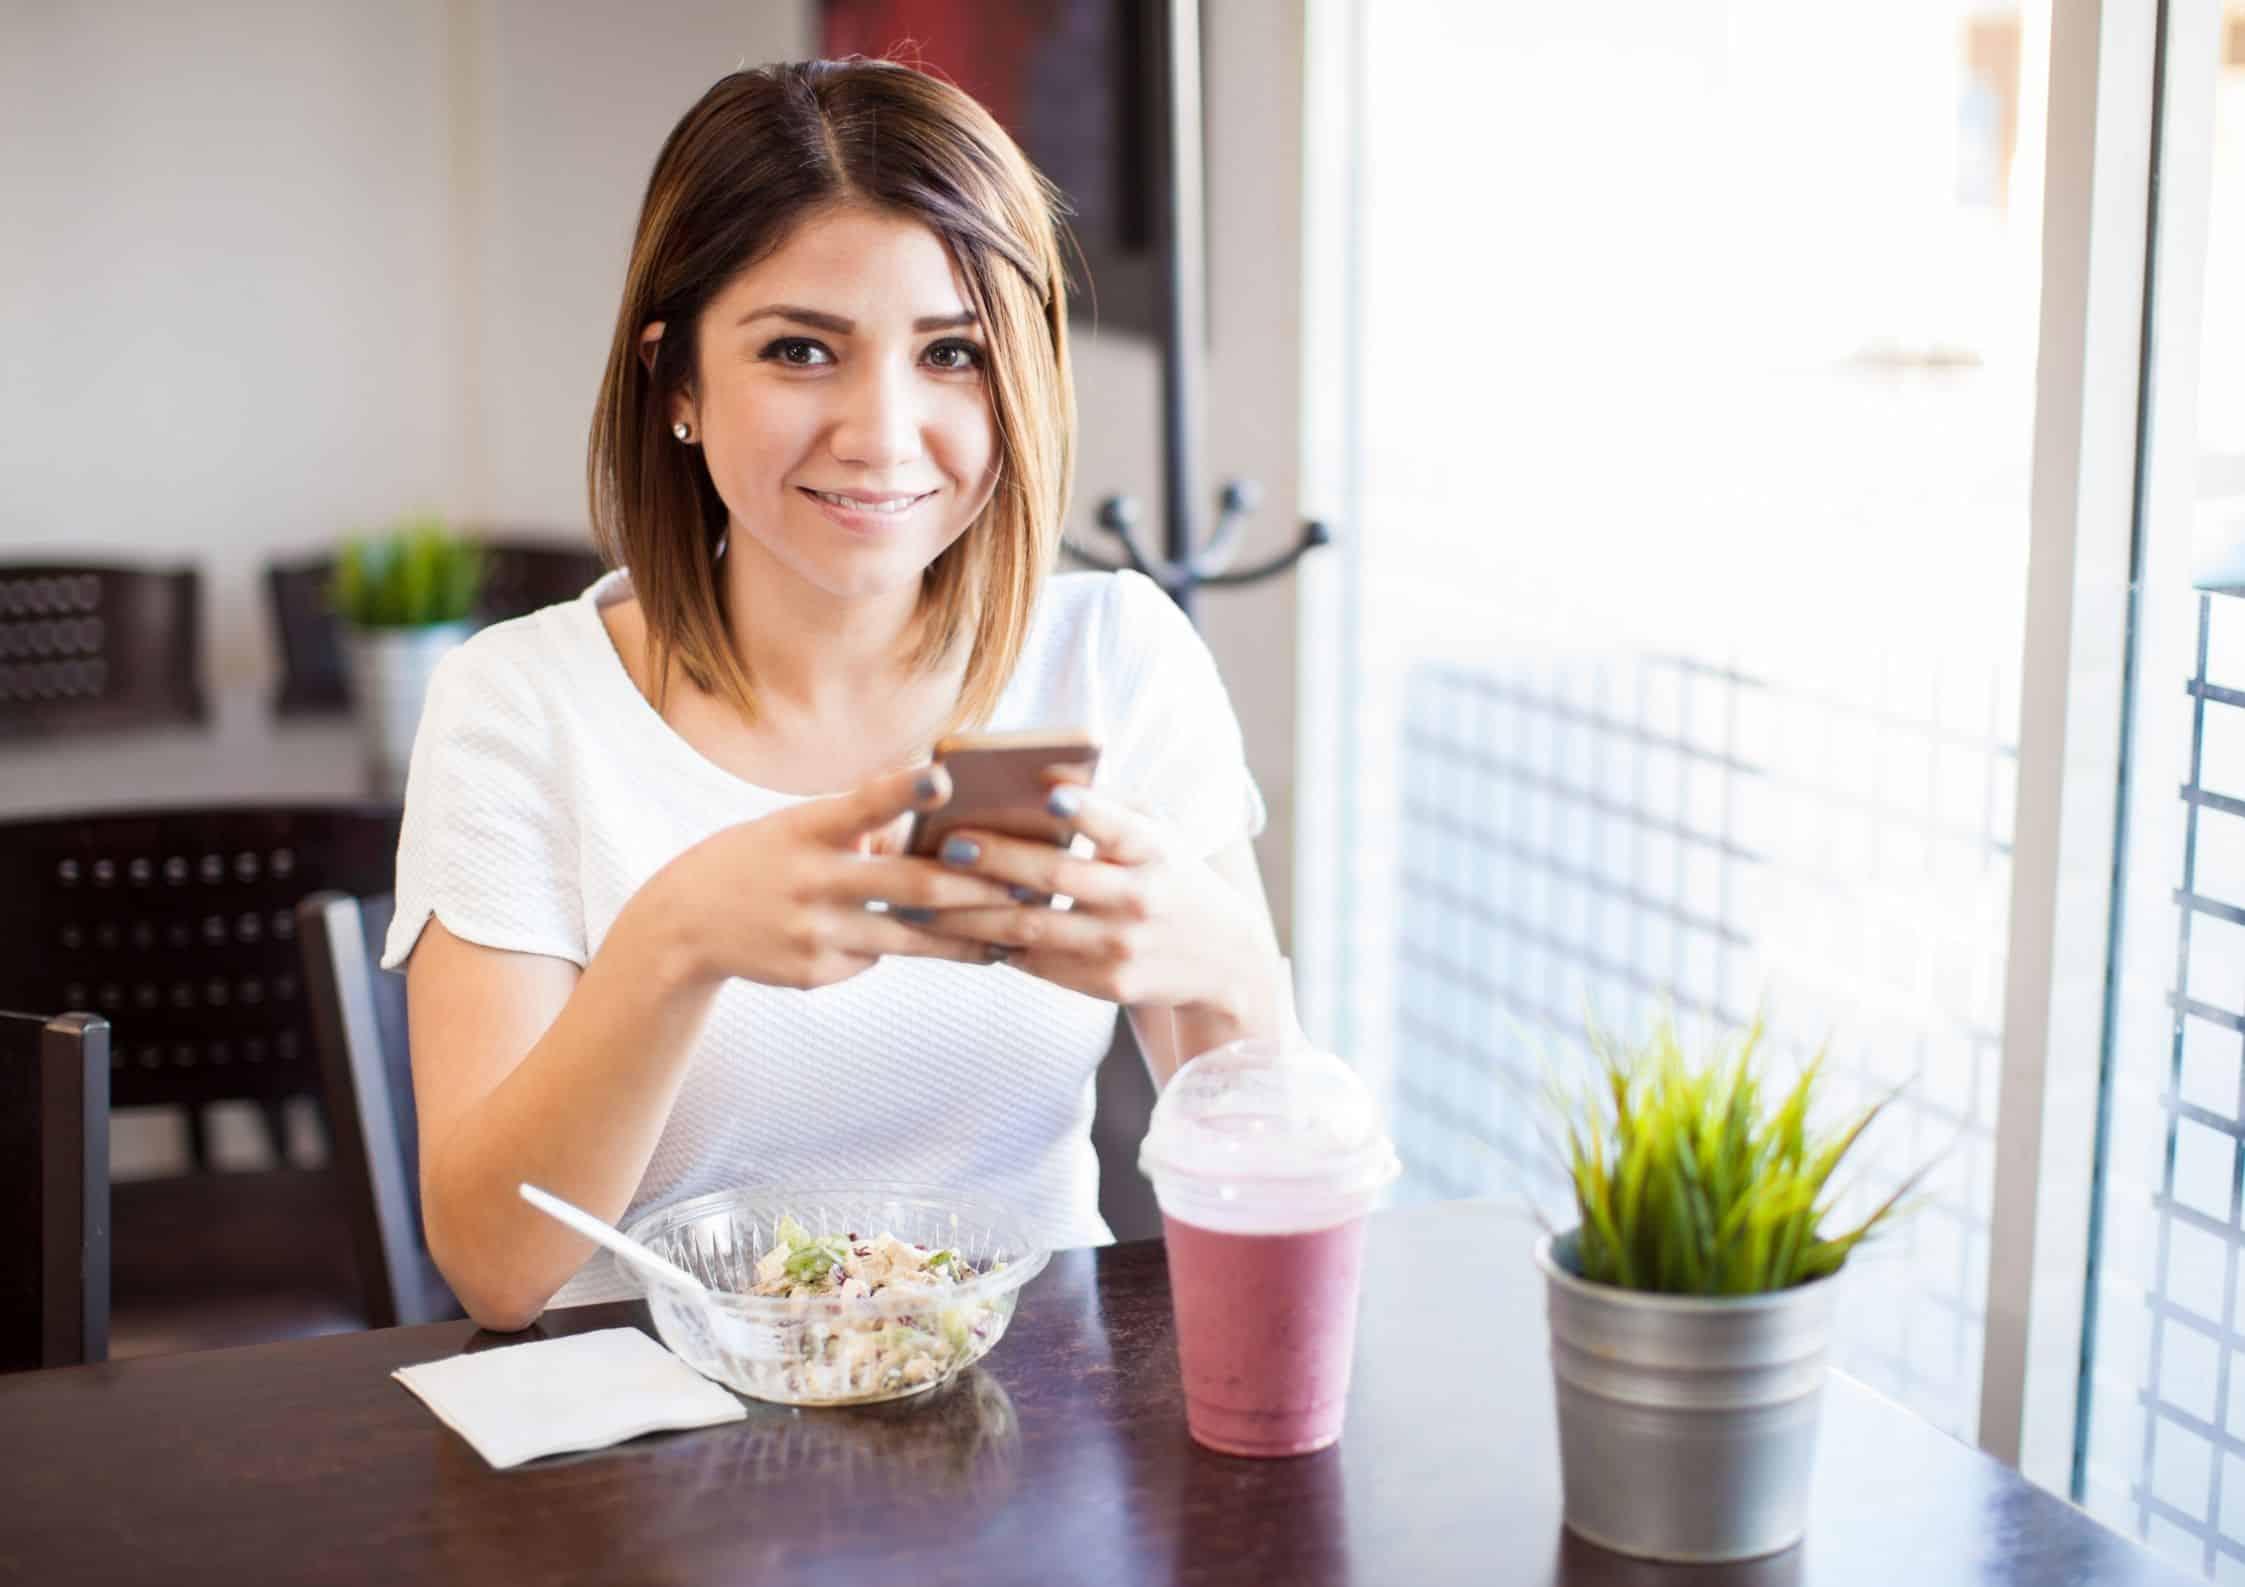 Sosial medier kosthold fordeler